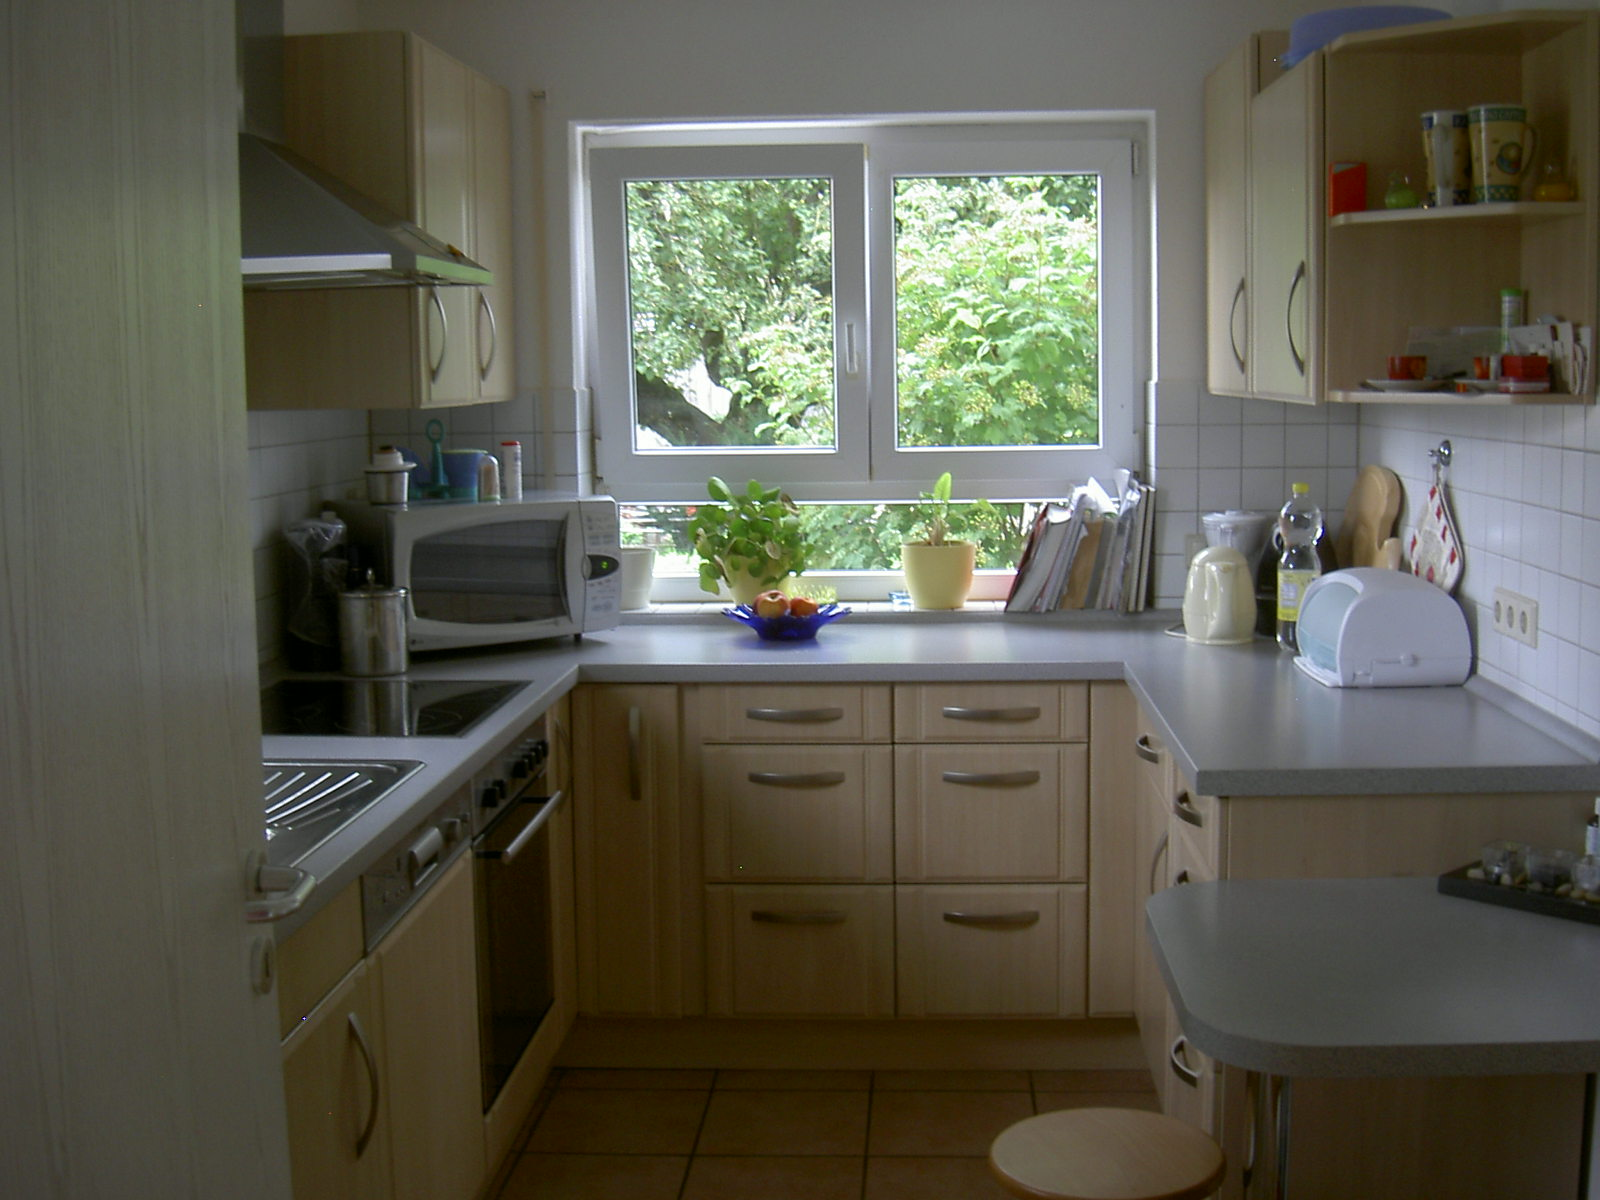 wegen umzug zu verkaufen in bad wurzach sonstiges kleinanzeigen. Black Bedroom Furniture Sets. Home Design Ideas